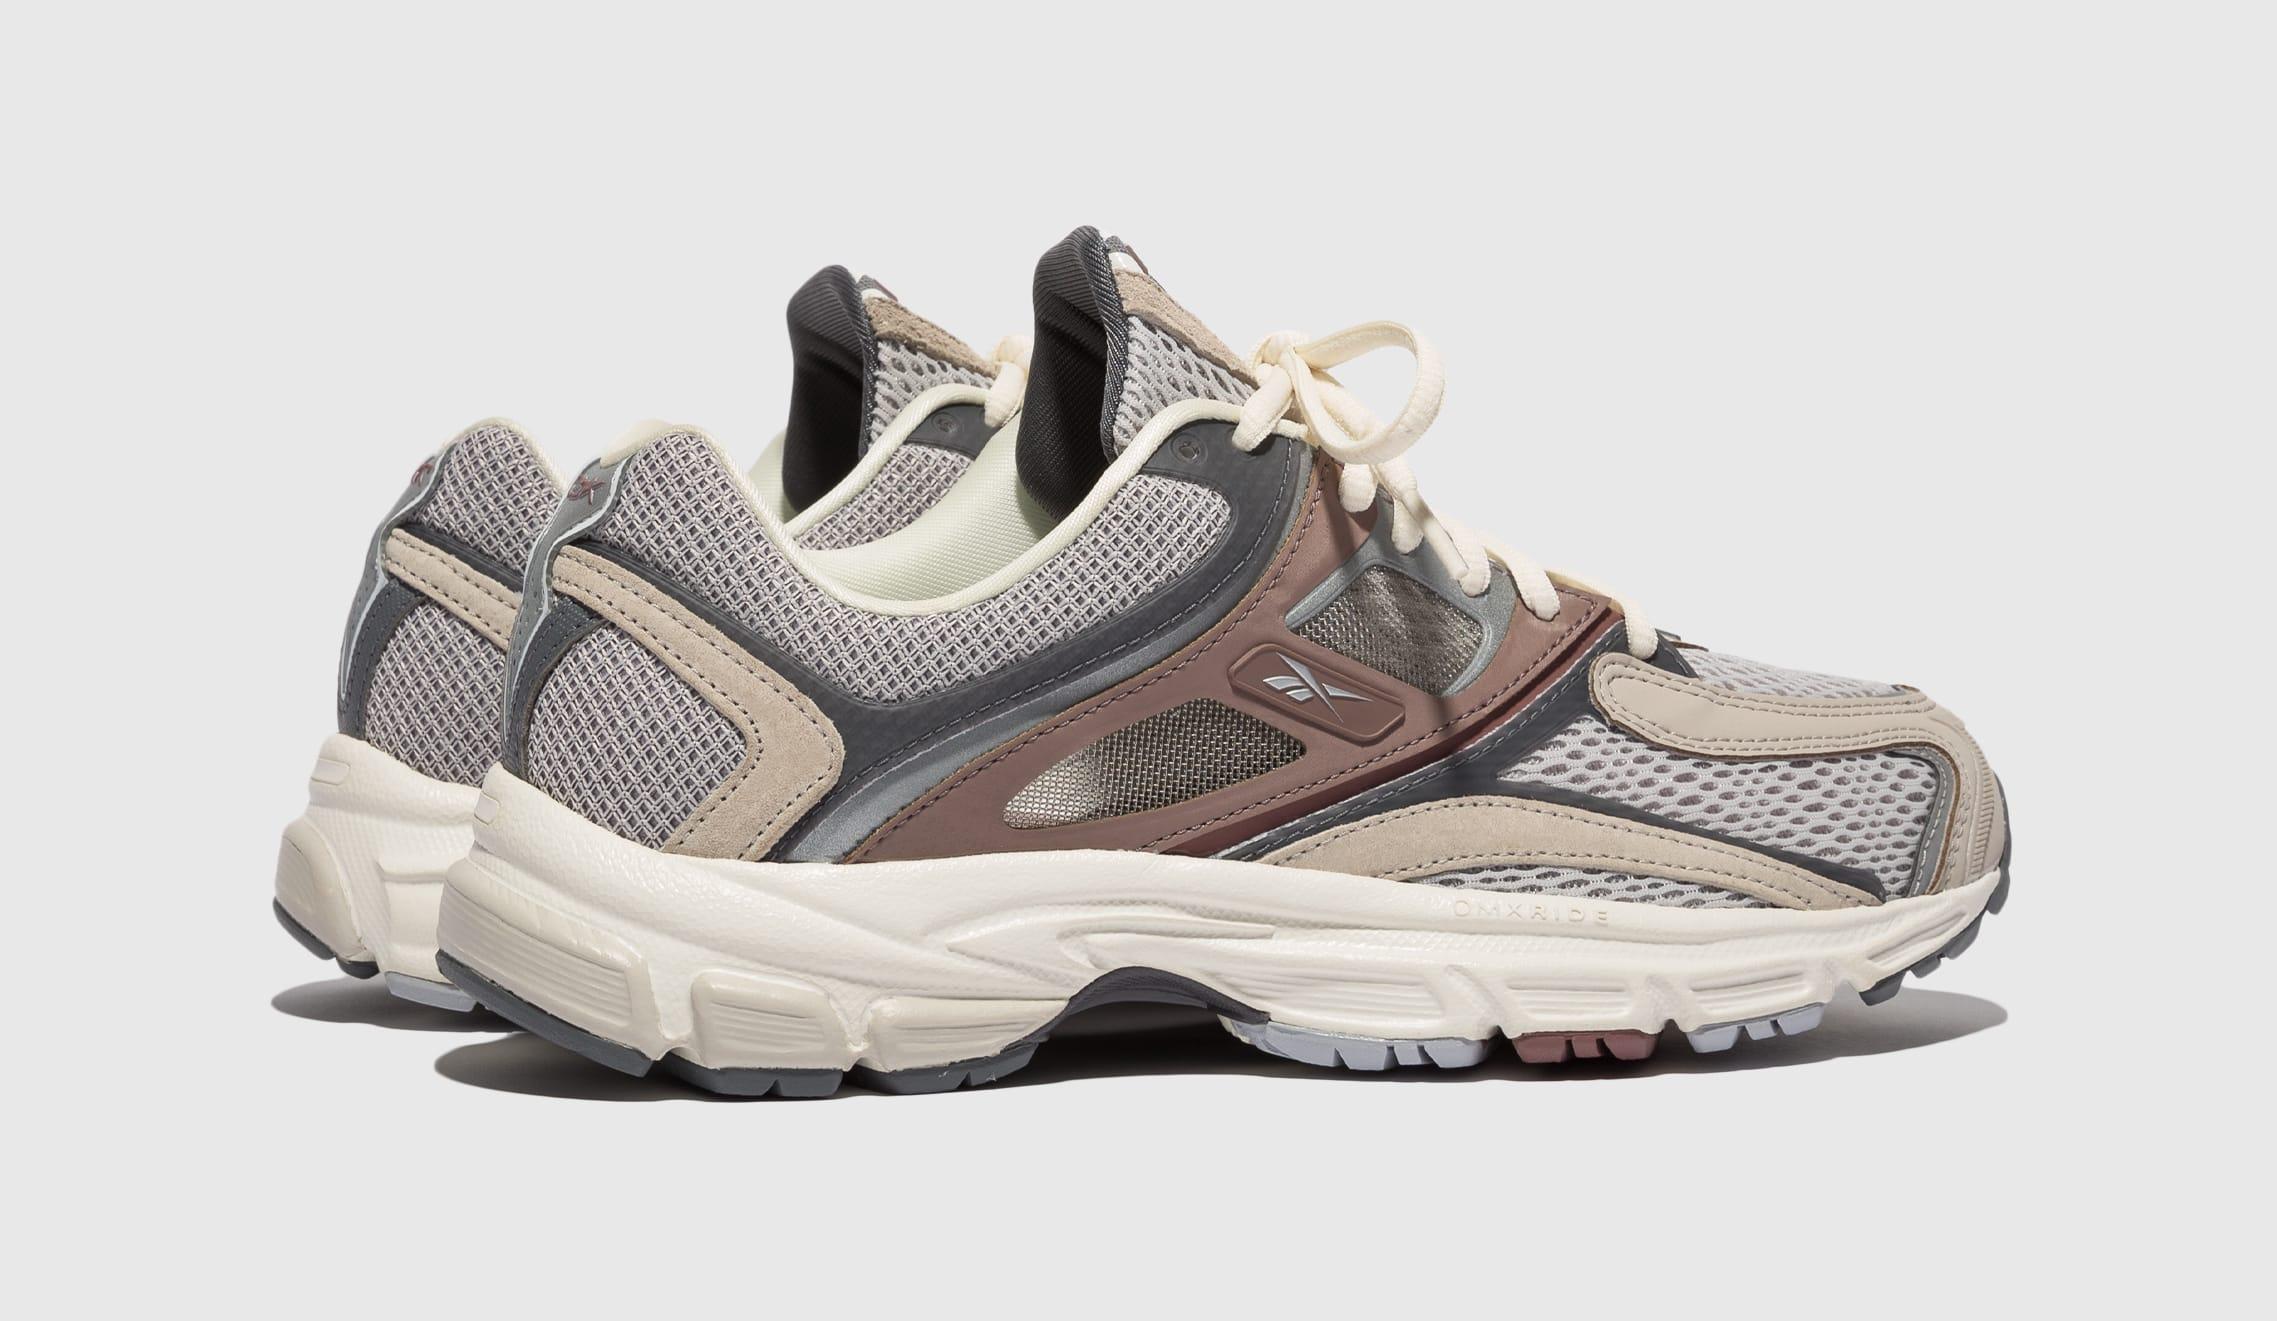 Packer Shoes x Reebok Trinity Premier Cream FY3409 Side